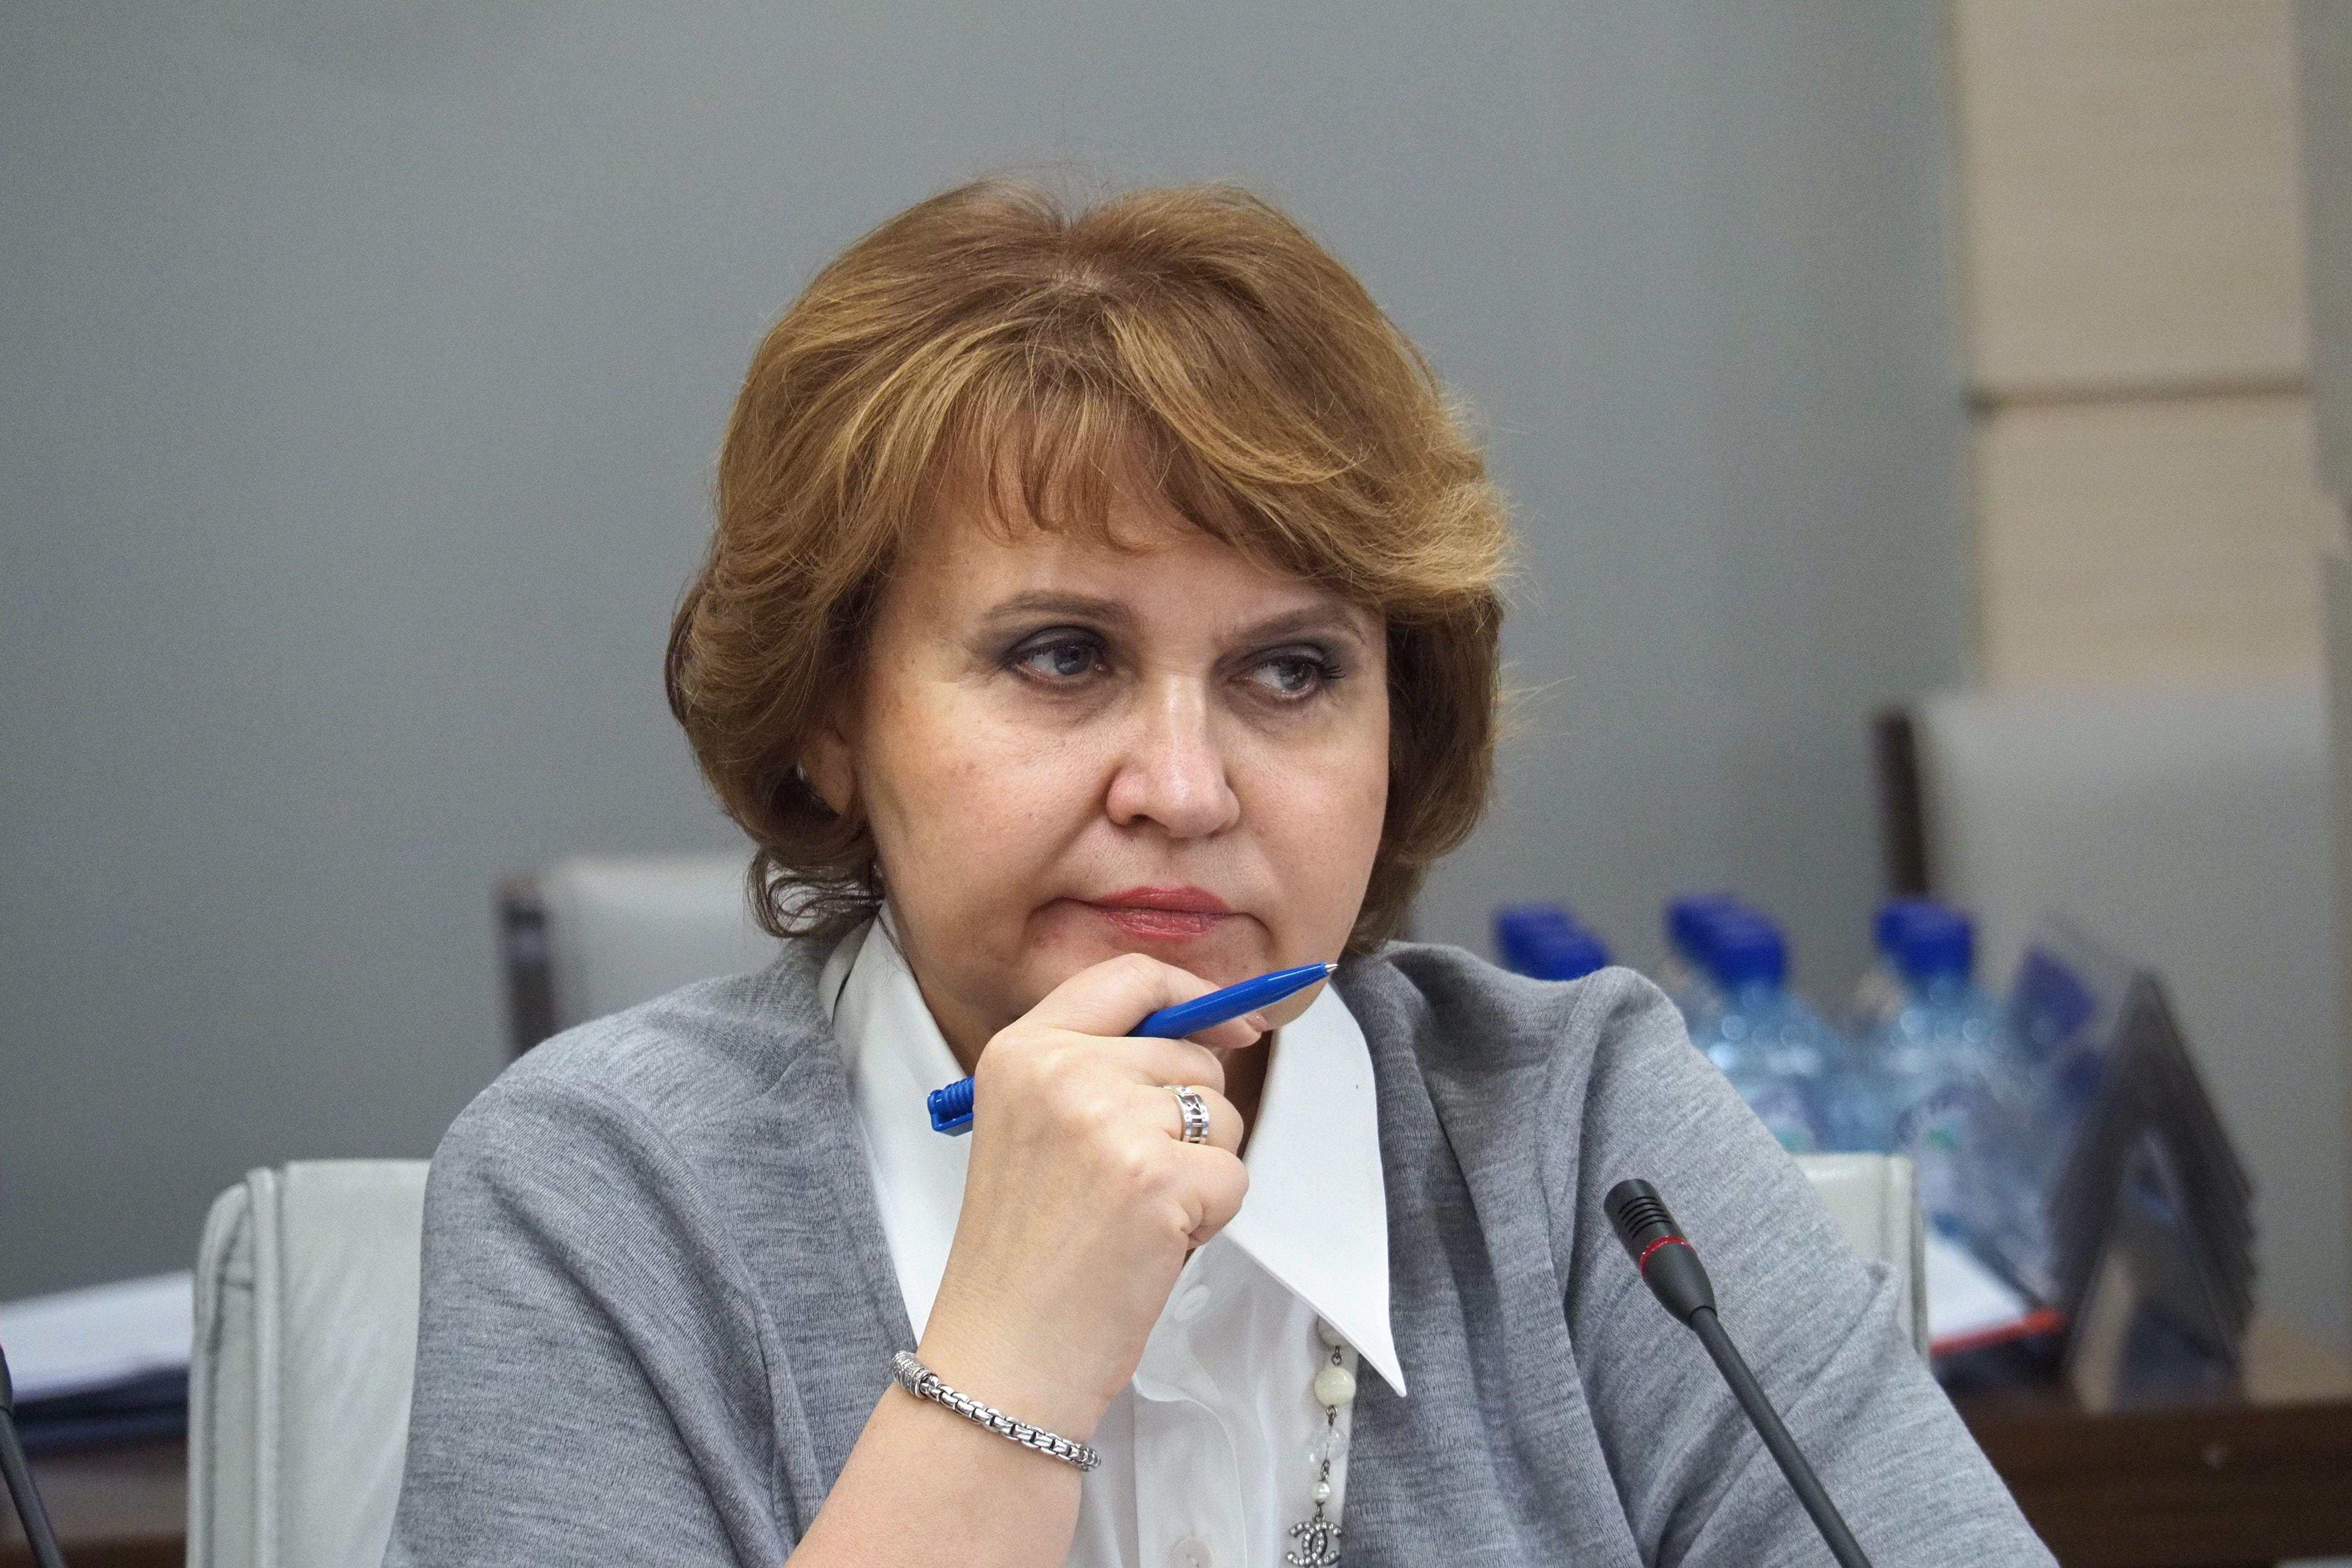 Депутат МГД Людмила Гусева рассказала о предстоящем обсуждении законопроекта о борьбе со сниффингом